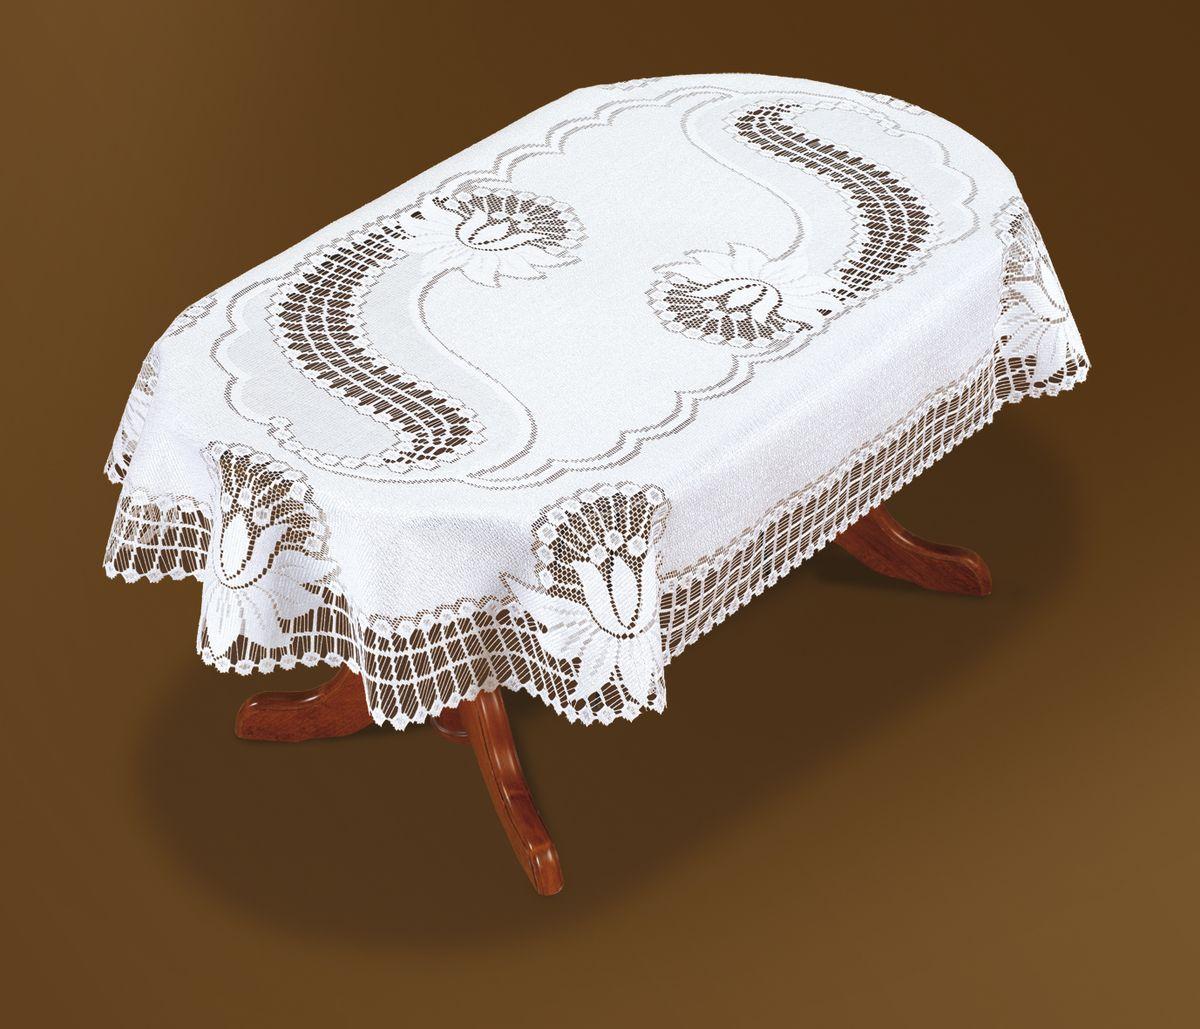 Скатерть Haft, овальная, цвет: белый, 250 x 140 см. 46081-14046081-140Великолепная овальная скатерть Haft, выполненная из полиэстера, органично впишется в интерьер любого помещения, а оригинальный дизайн удовлетворит даже самый изысканный вкус. Скатерть изготовлена из сетчатого материала с ажурным рисунком. Края скатерти закруглены. Скатерть Haft создаст праздничное настроение и станет прекрасным дополнением интерьера гостиной, кухни или столовой.